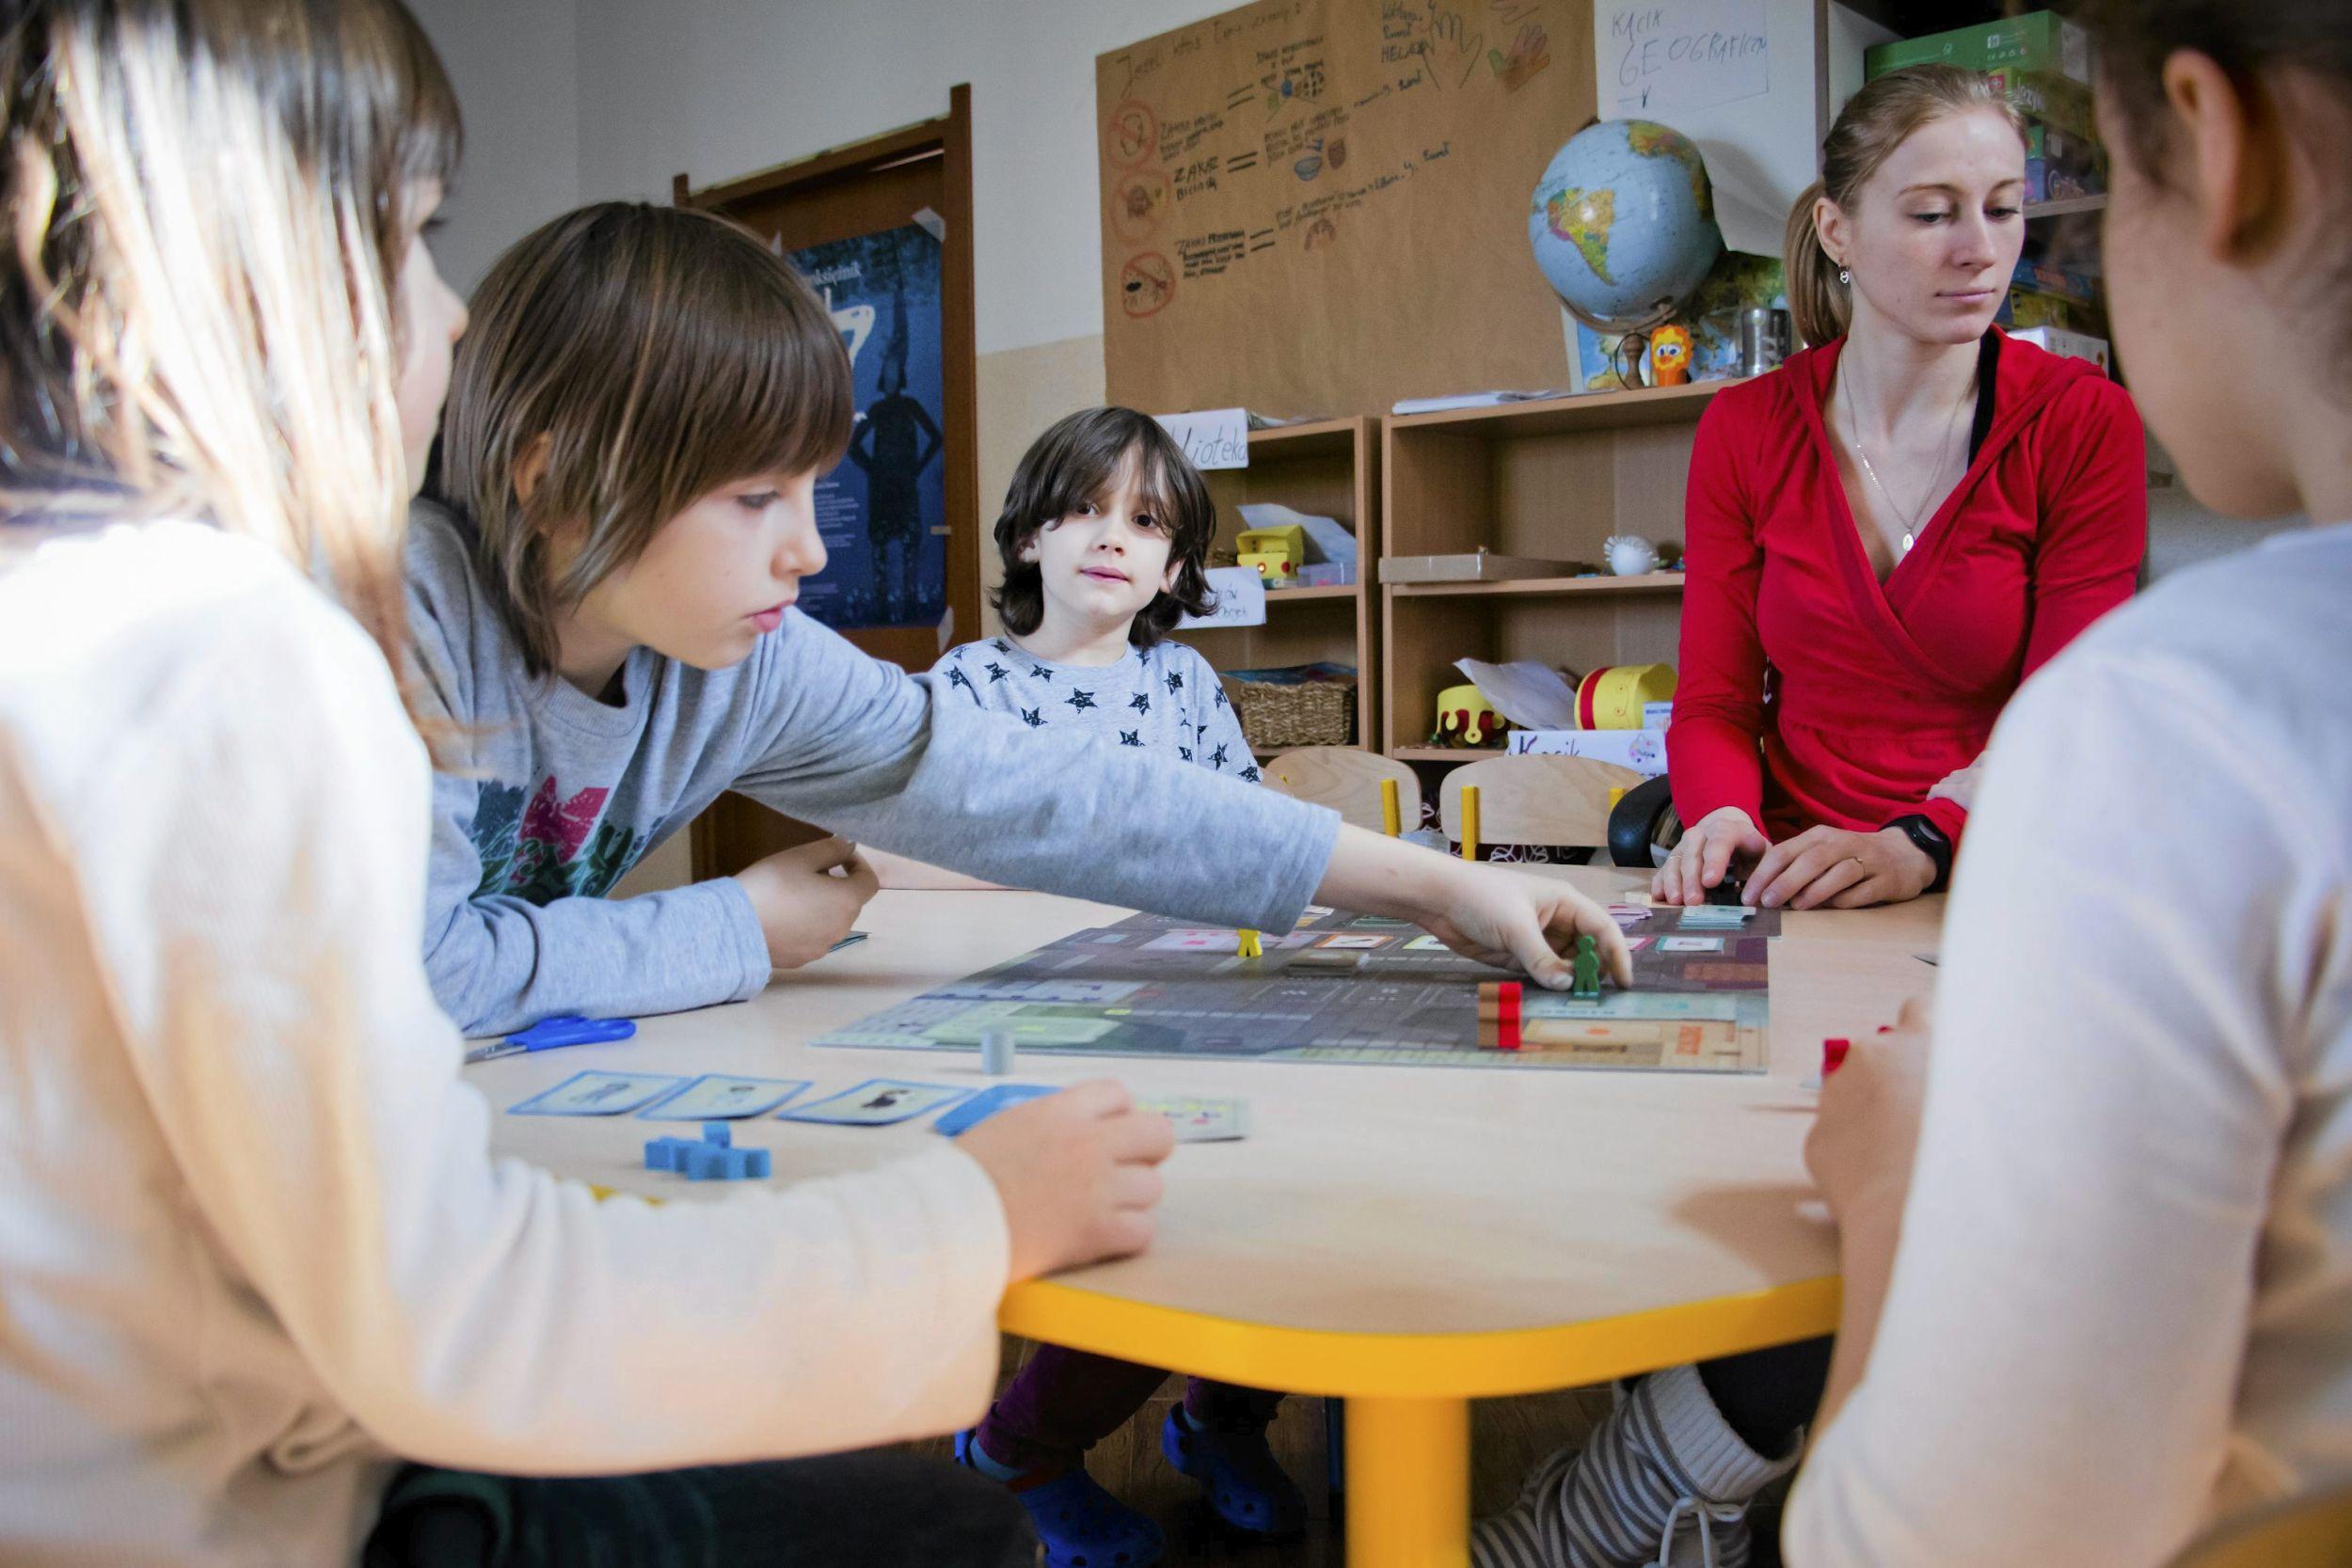 Słoneczna Szkoła w Białymstoku (fot. Marcin Onufryjuk / Agencja Gazeta)